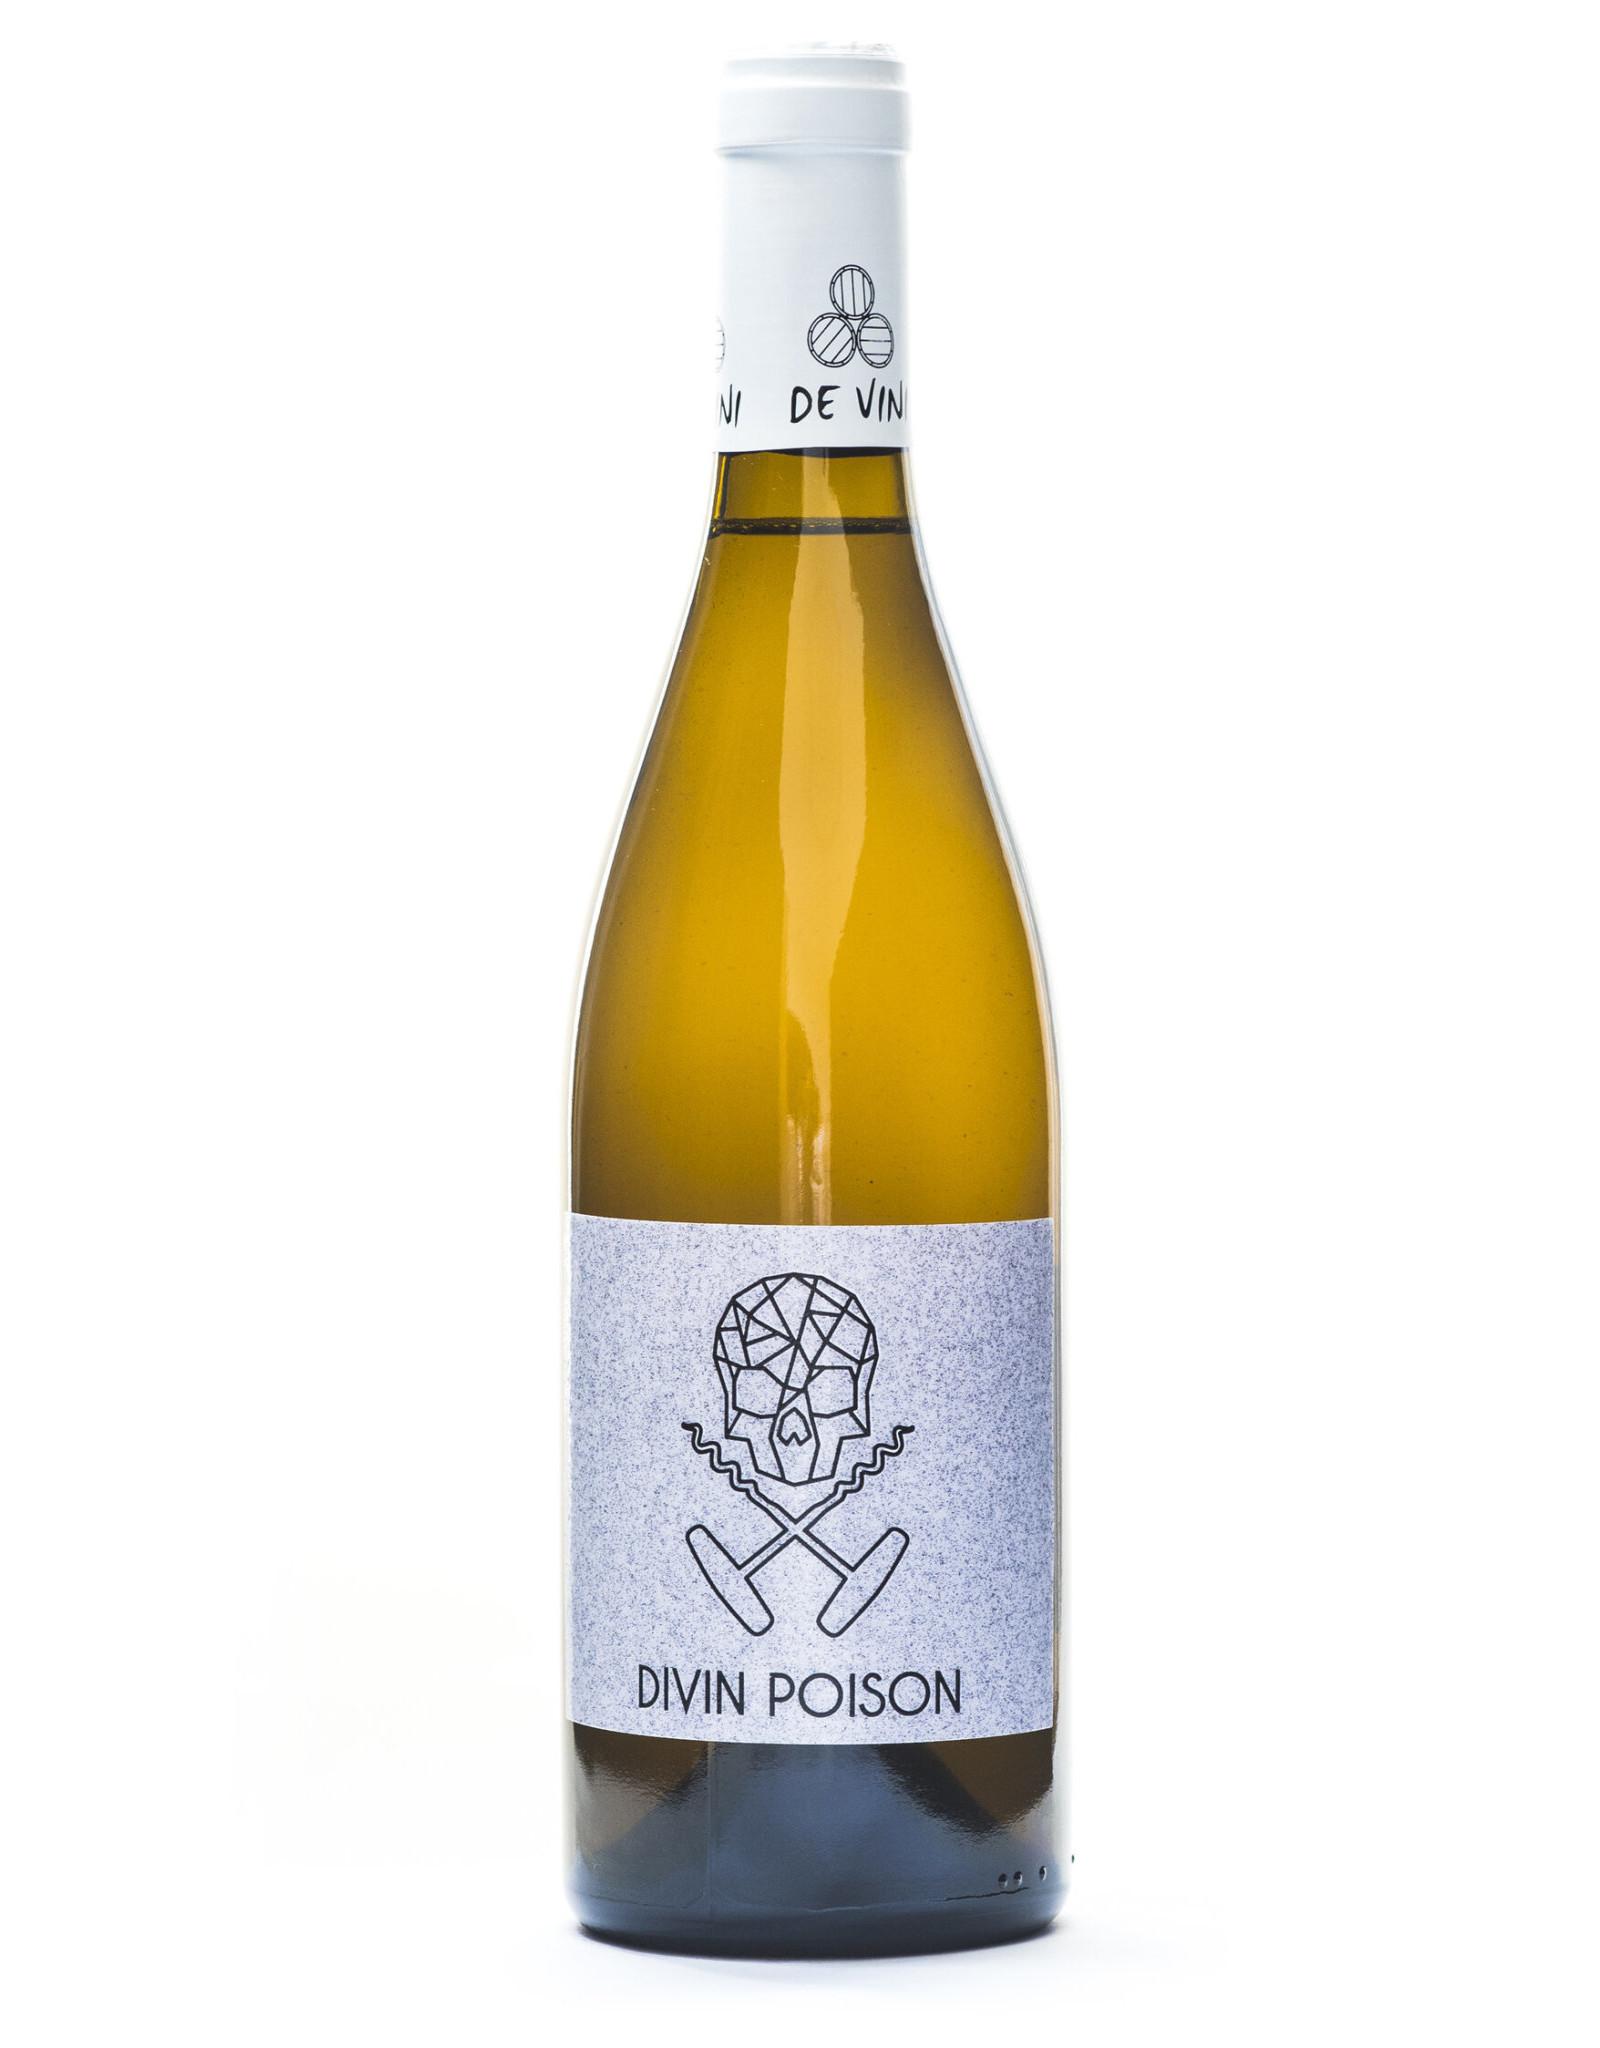 France Divin Poison Blanc Melon De Bourgogne